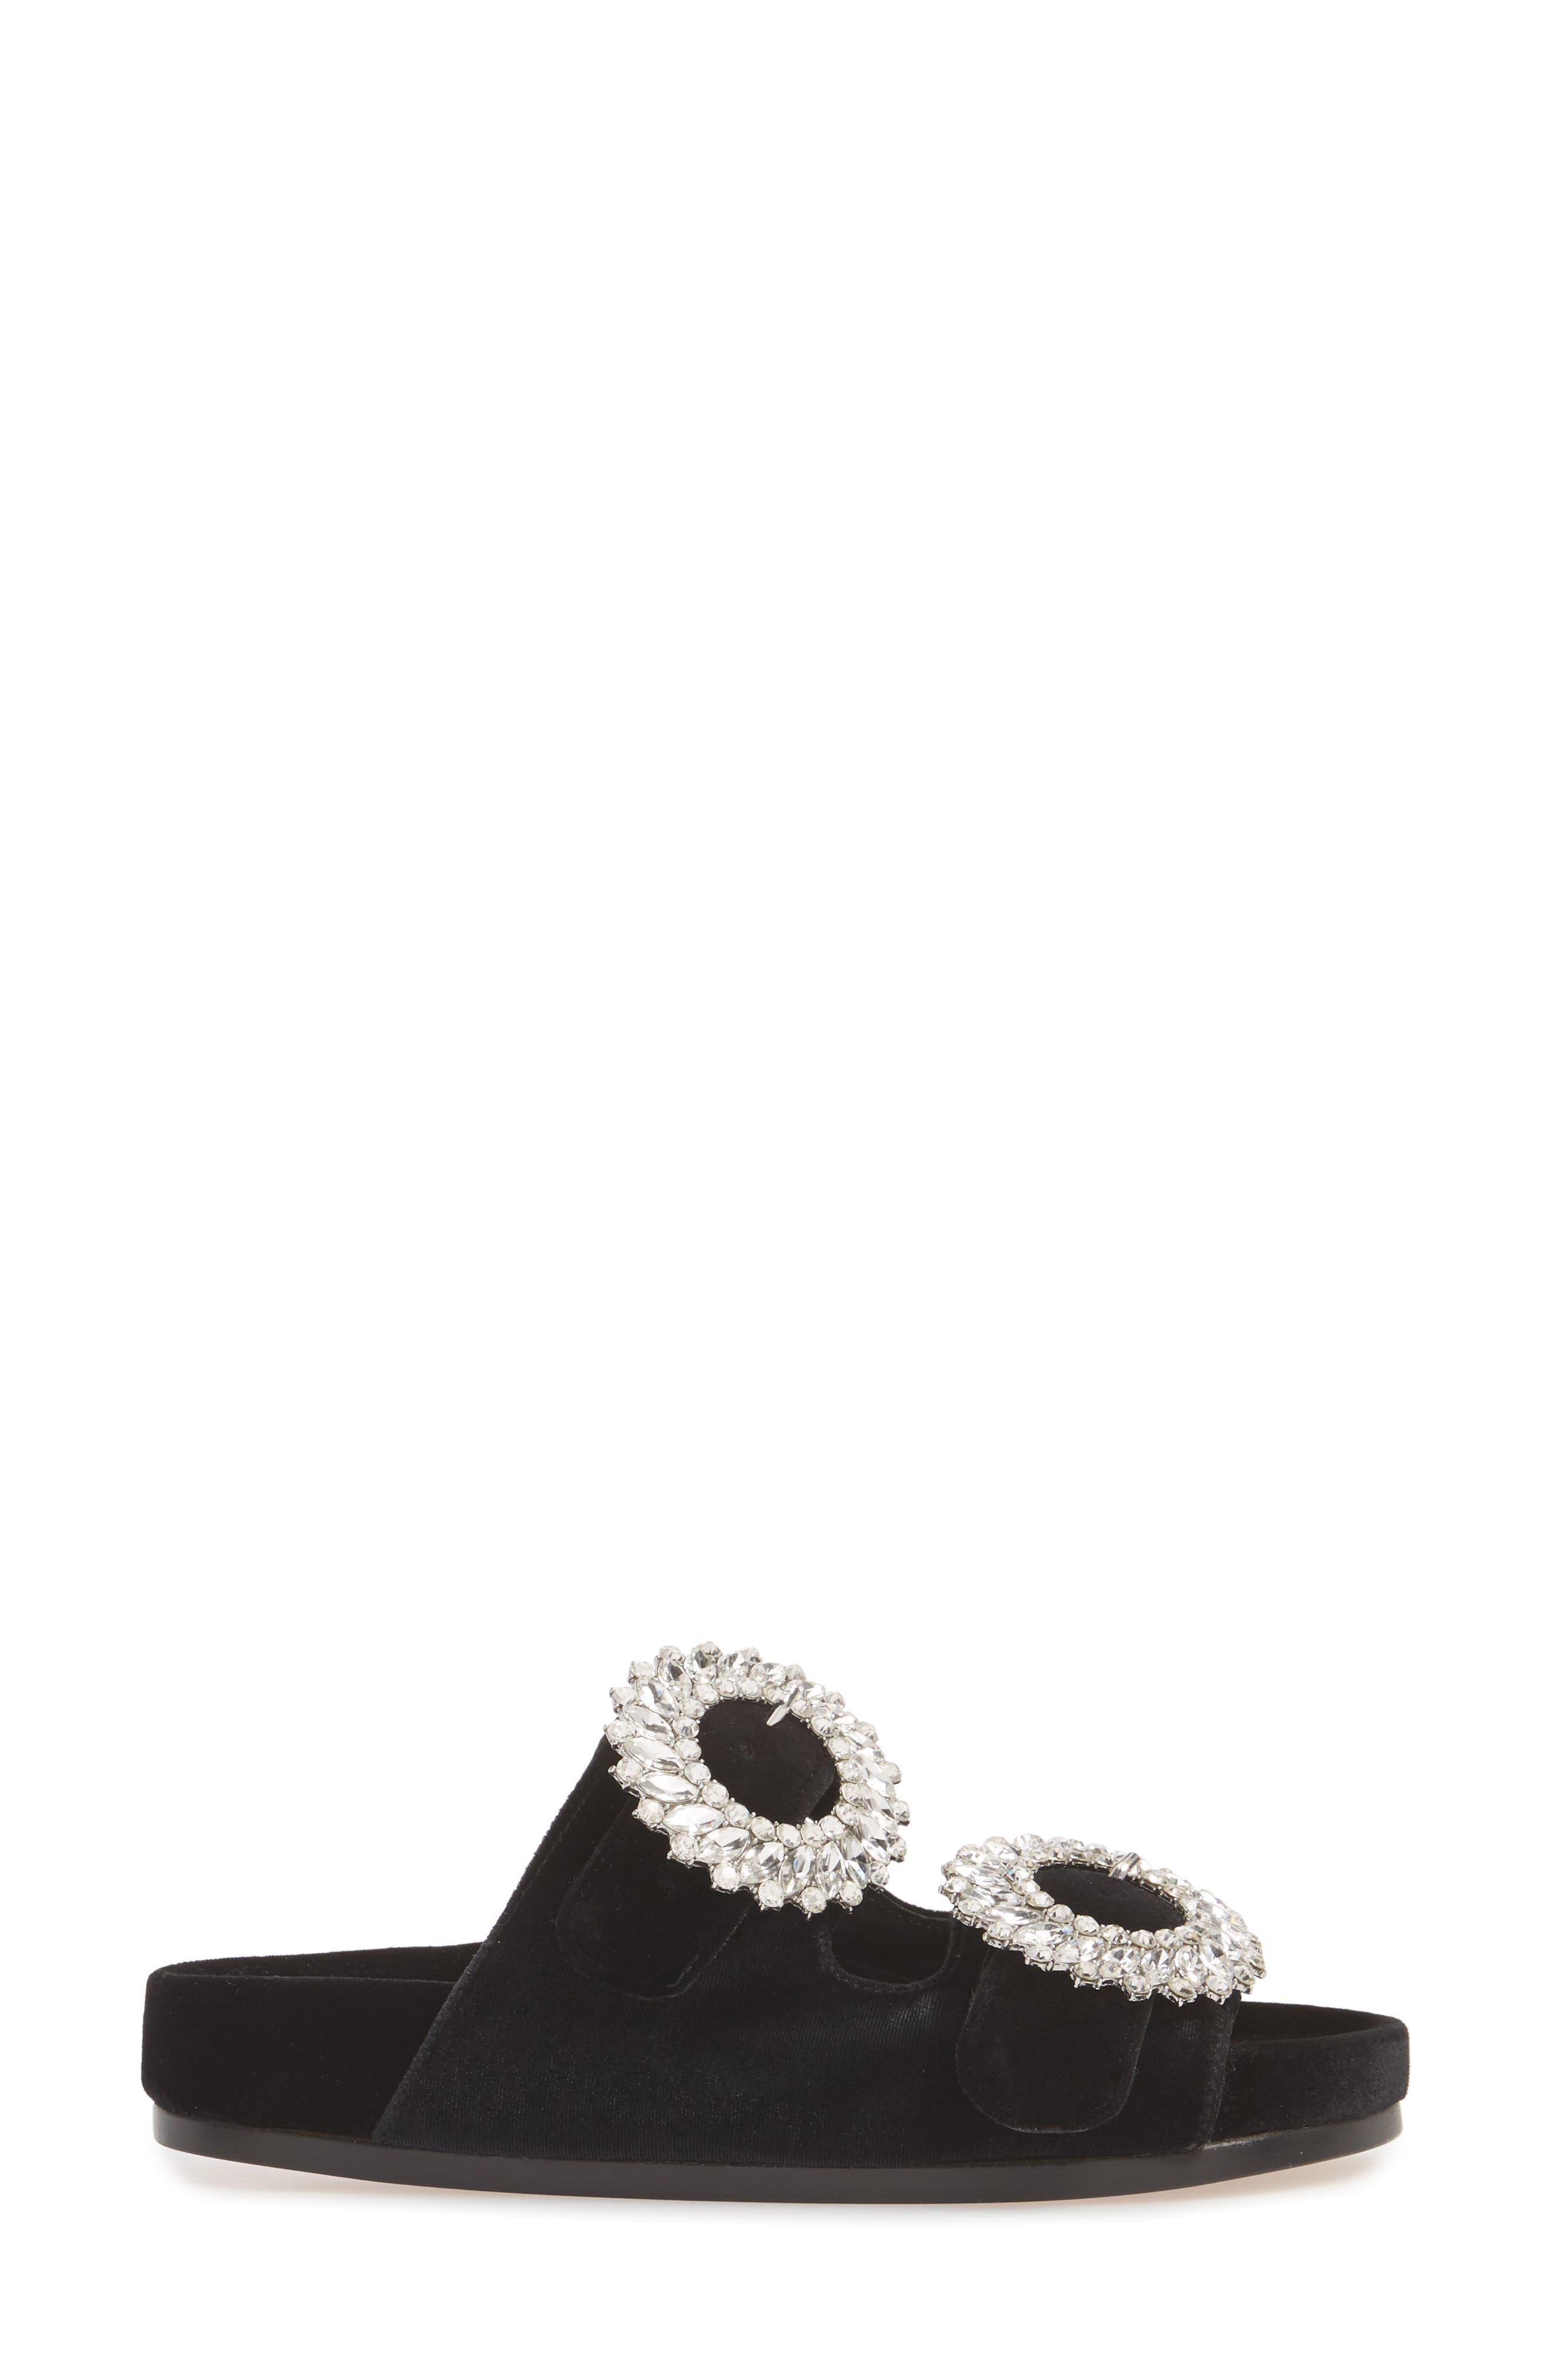 Izaro Embellished Slide Sandal,                             Alternate thumbnail 3, color,                             Black Velvet/ Silver